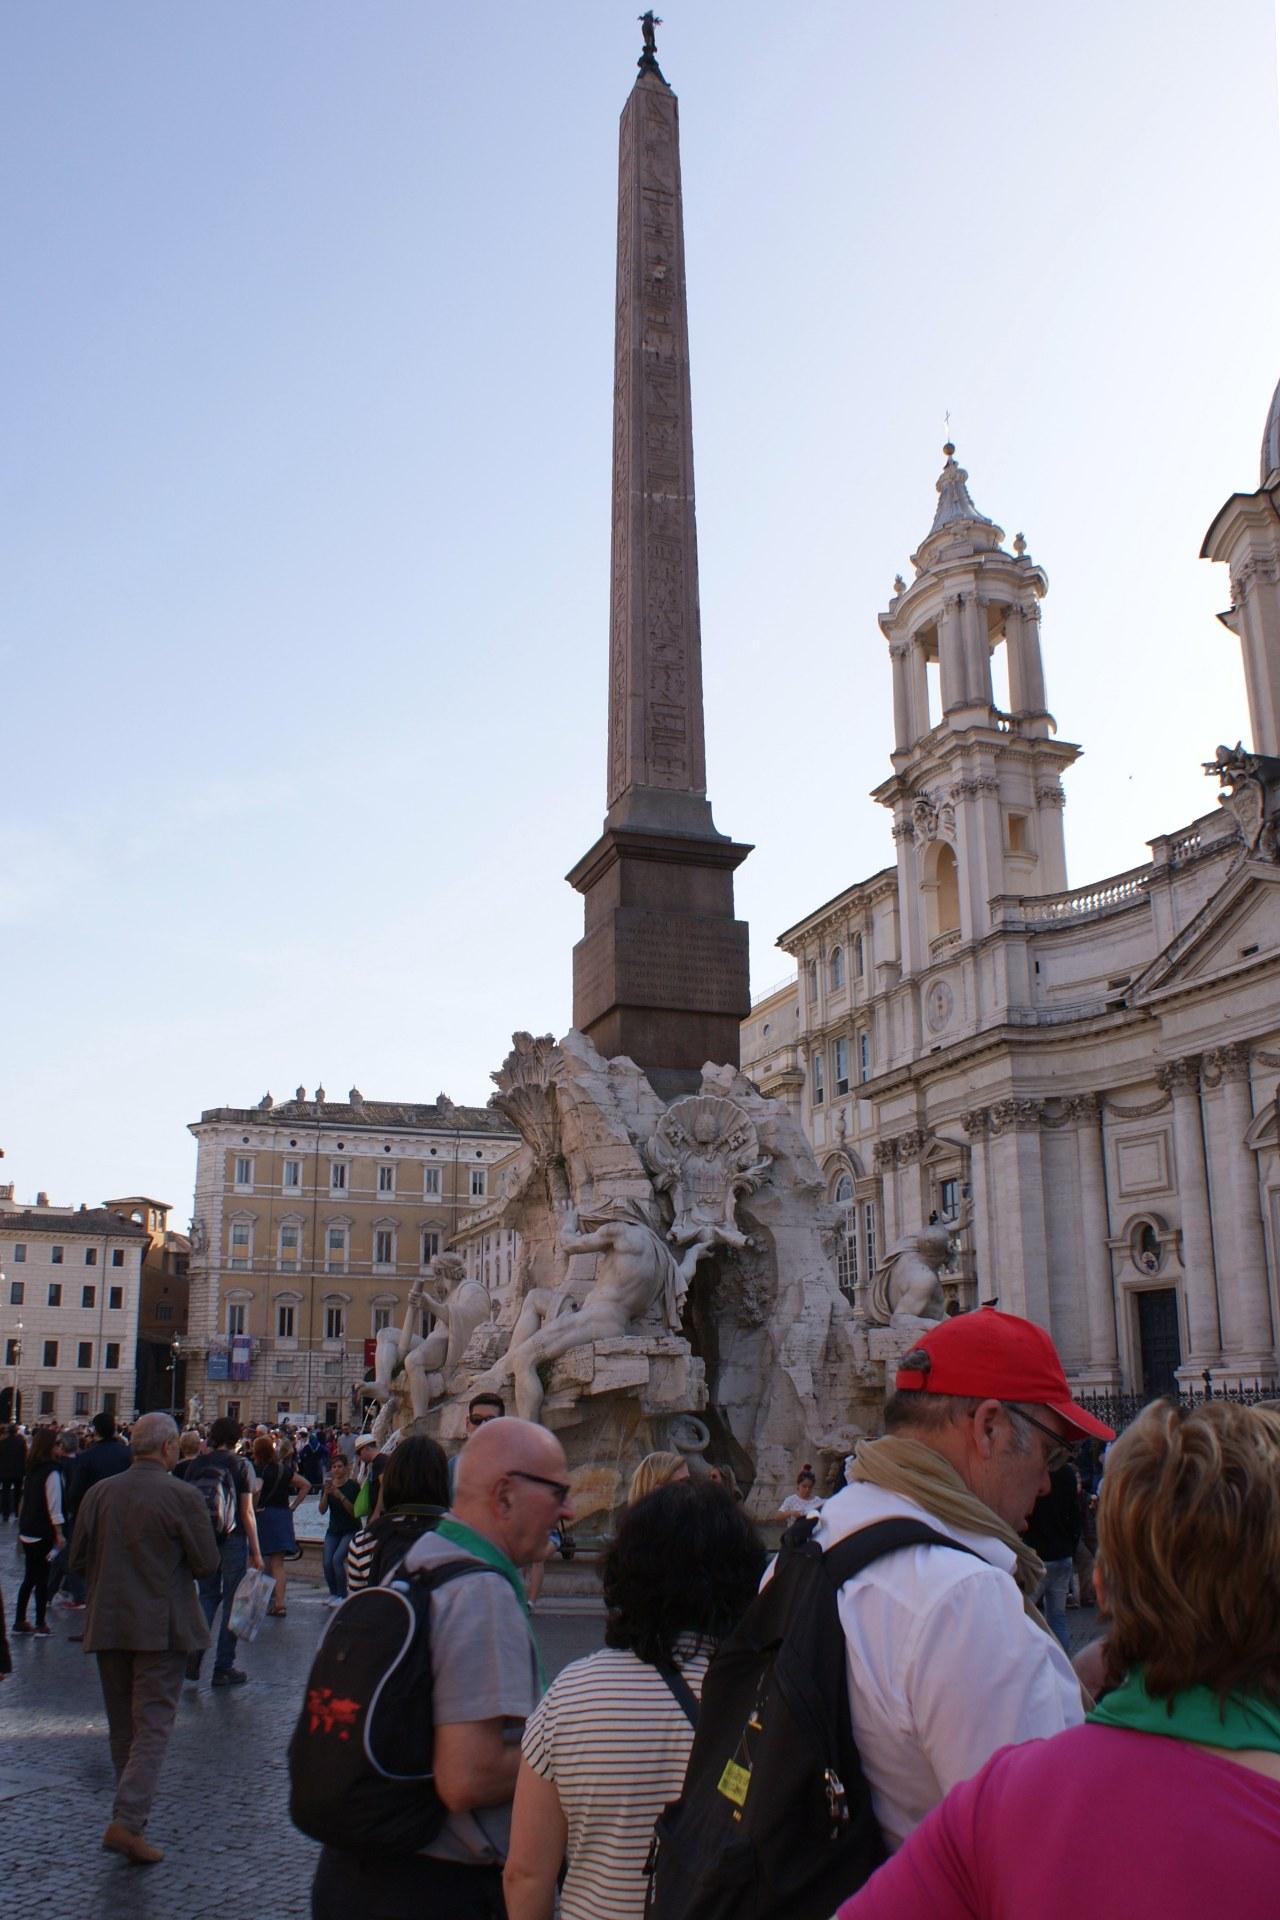 Images - Stald - Rome Printemps 2016 - 04:06 - 33